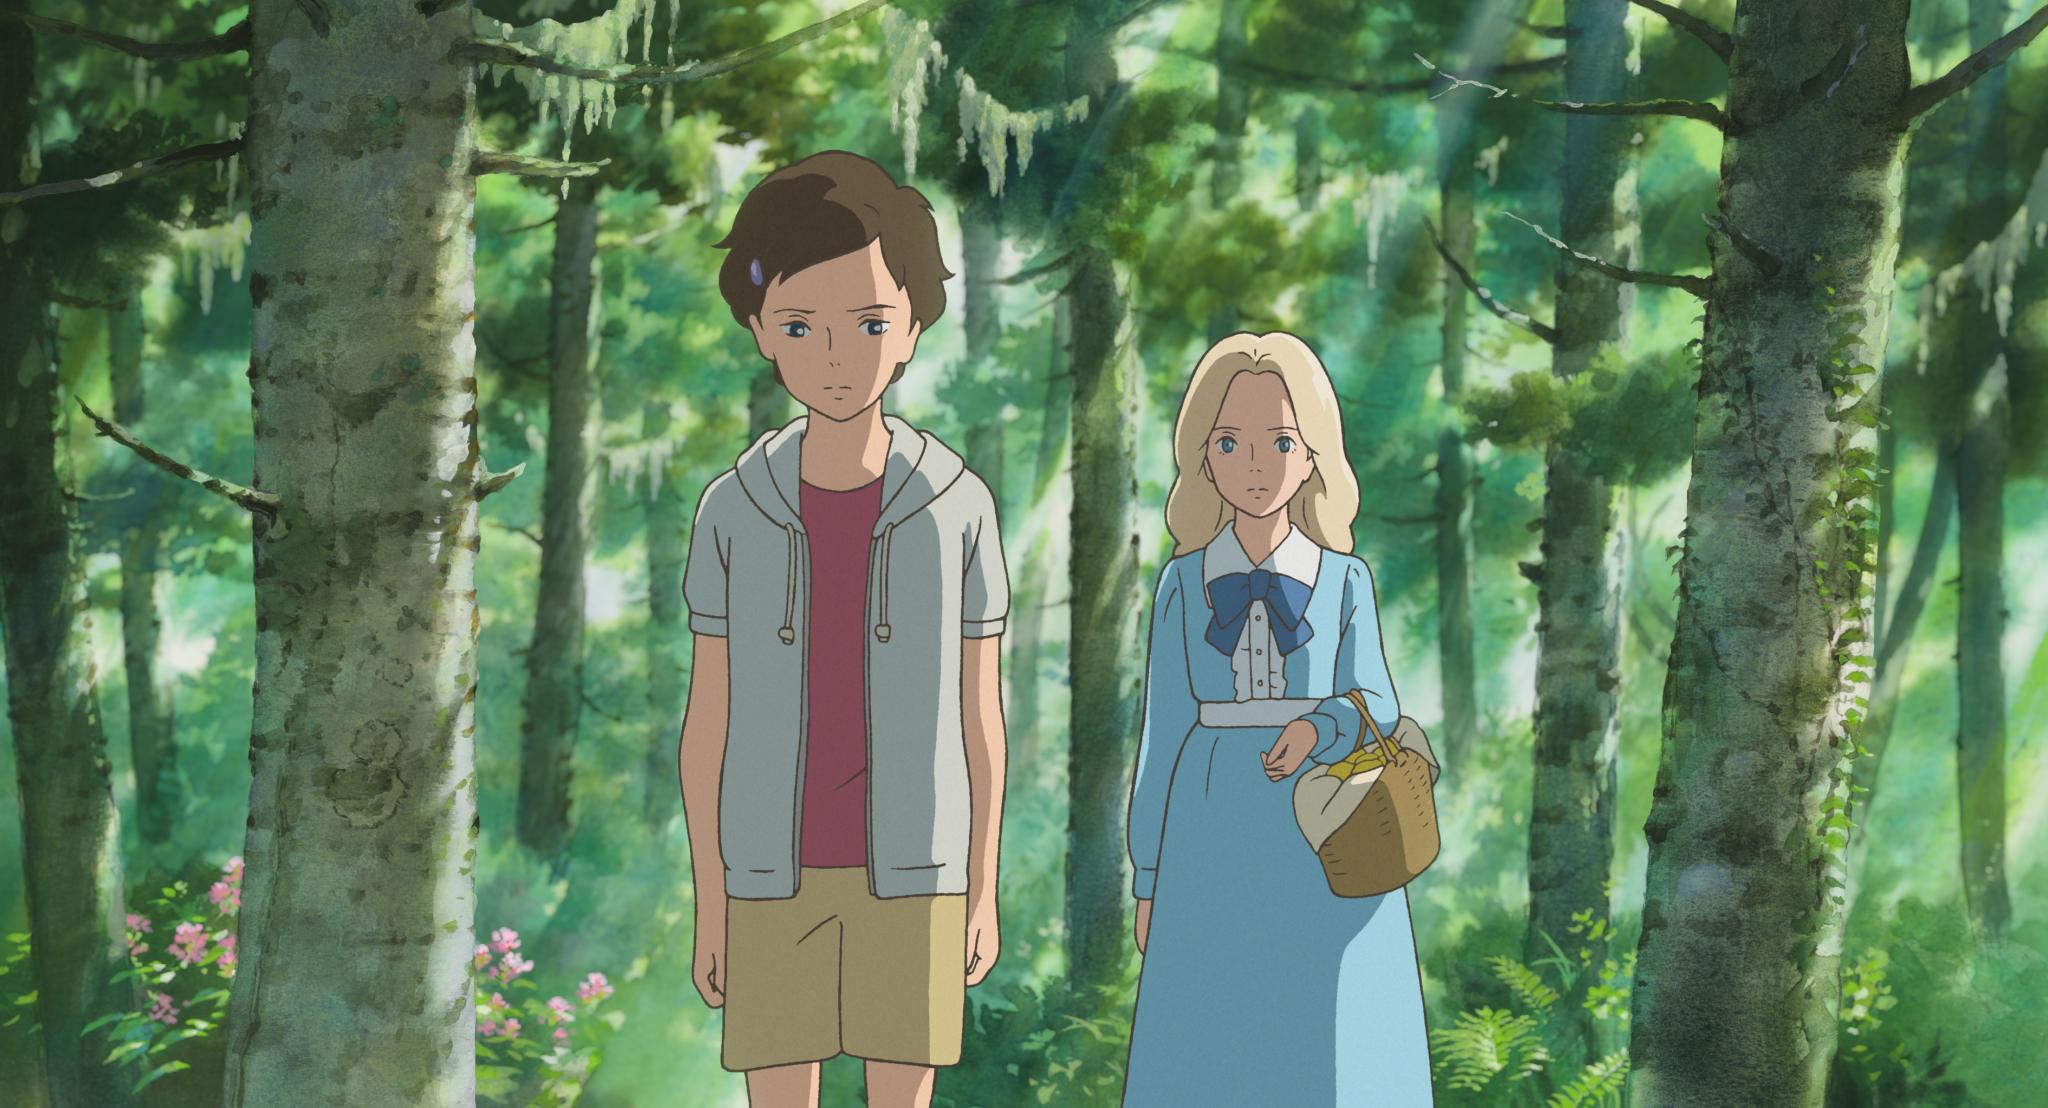 El recuerdo de Marnie de Hiromasa Yonebayashi